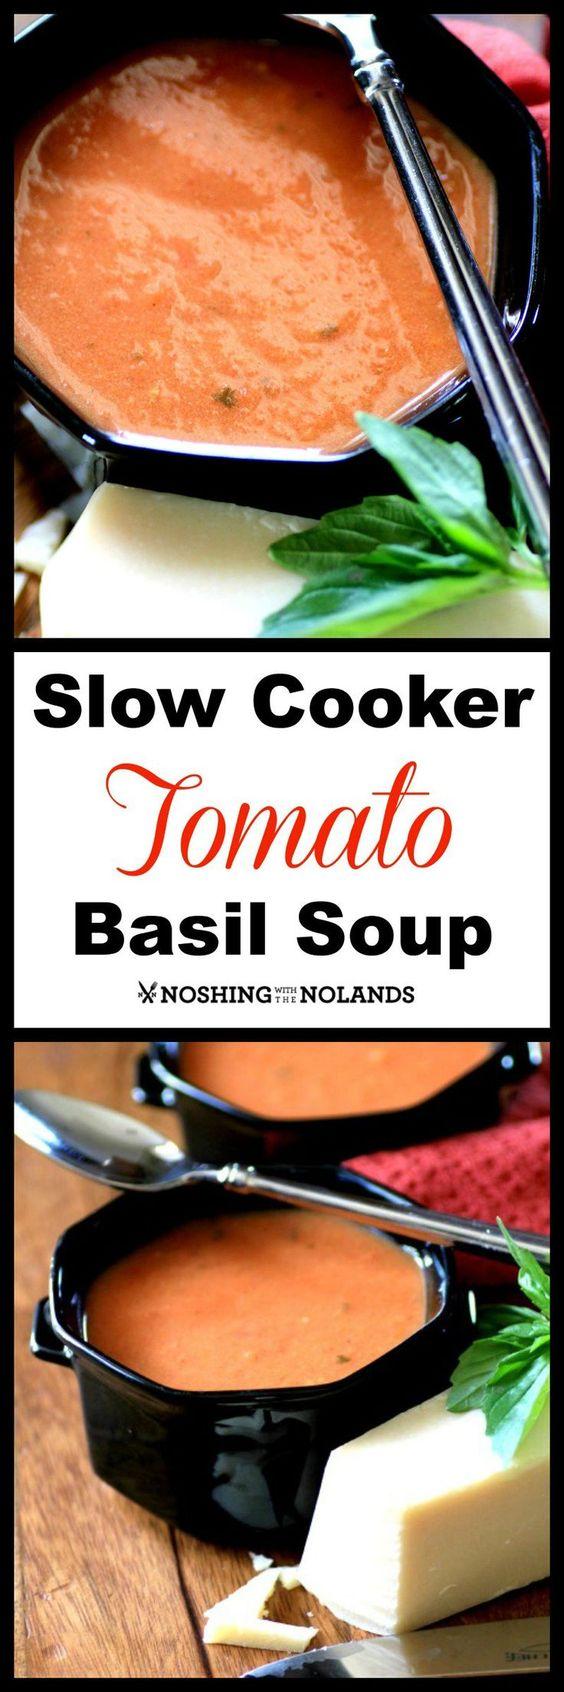 MWM Slow Cooker Tomato Basil Soup | Tomato Basil Soup, Tomato Basil ...